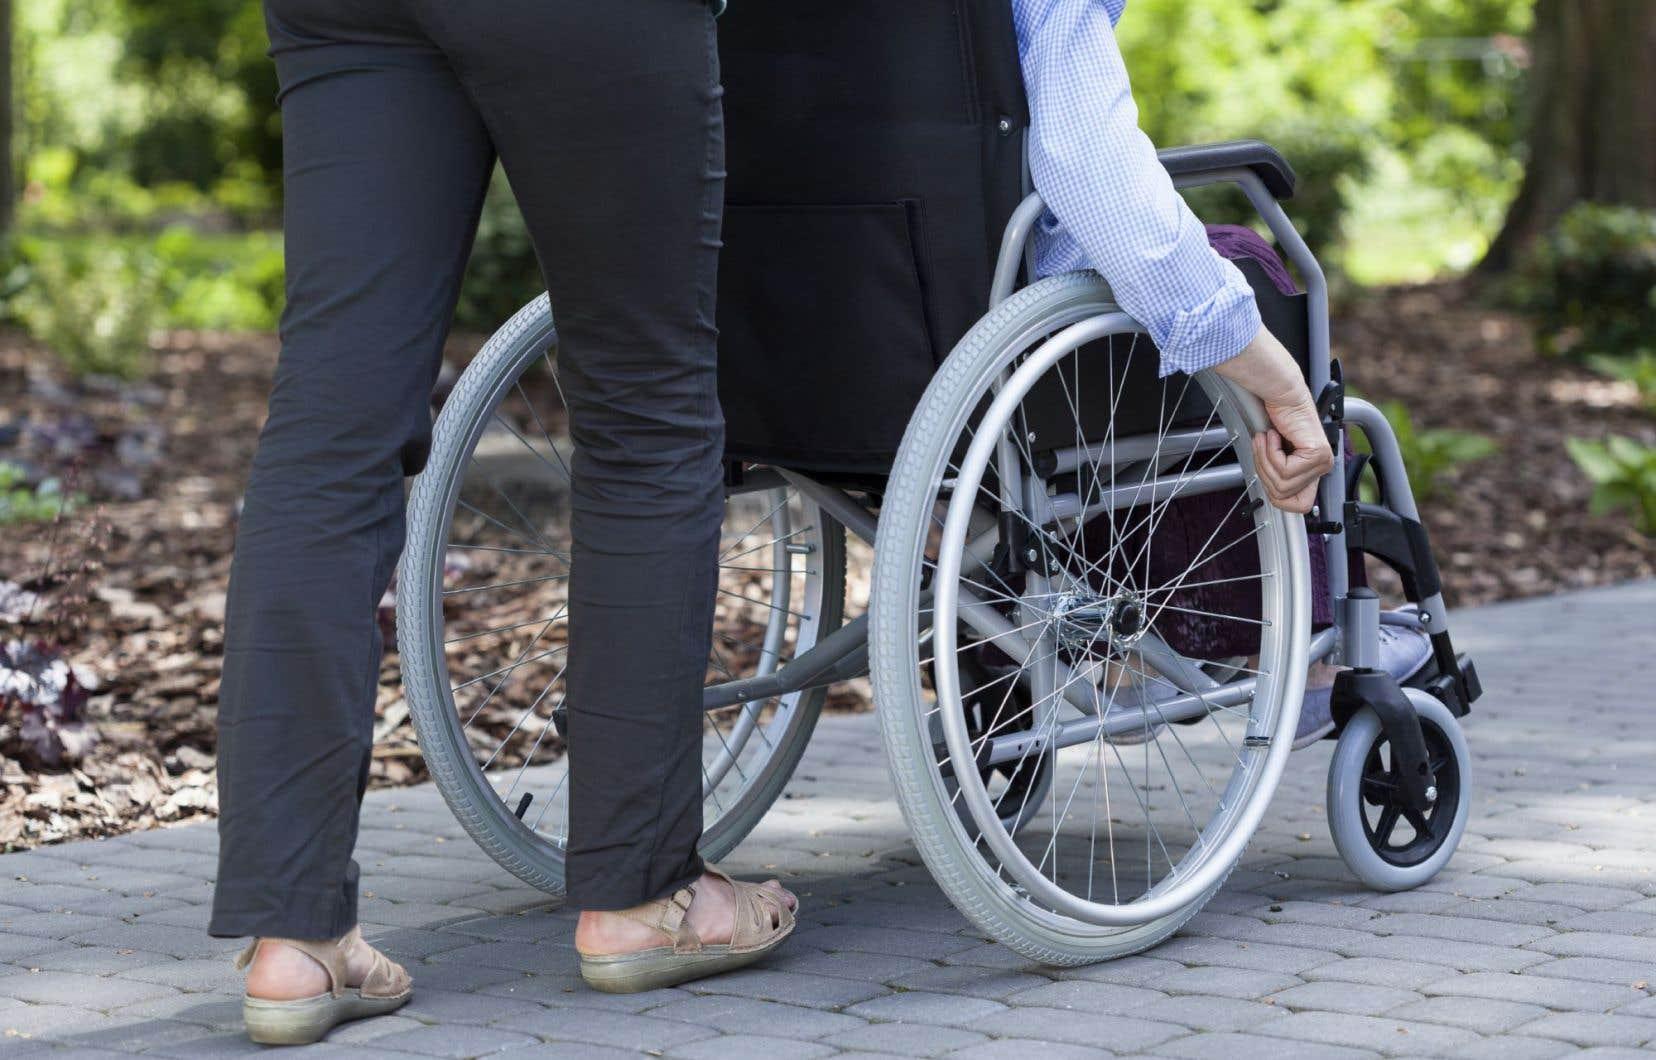 La clientèle du Centre de réadaptation Lucie-Bruneau réside à 75% dans l'est de Montréal et éprouve le plus souvent des difficultés à se déplacer pour recevoir des soins.